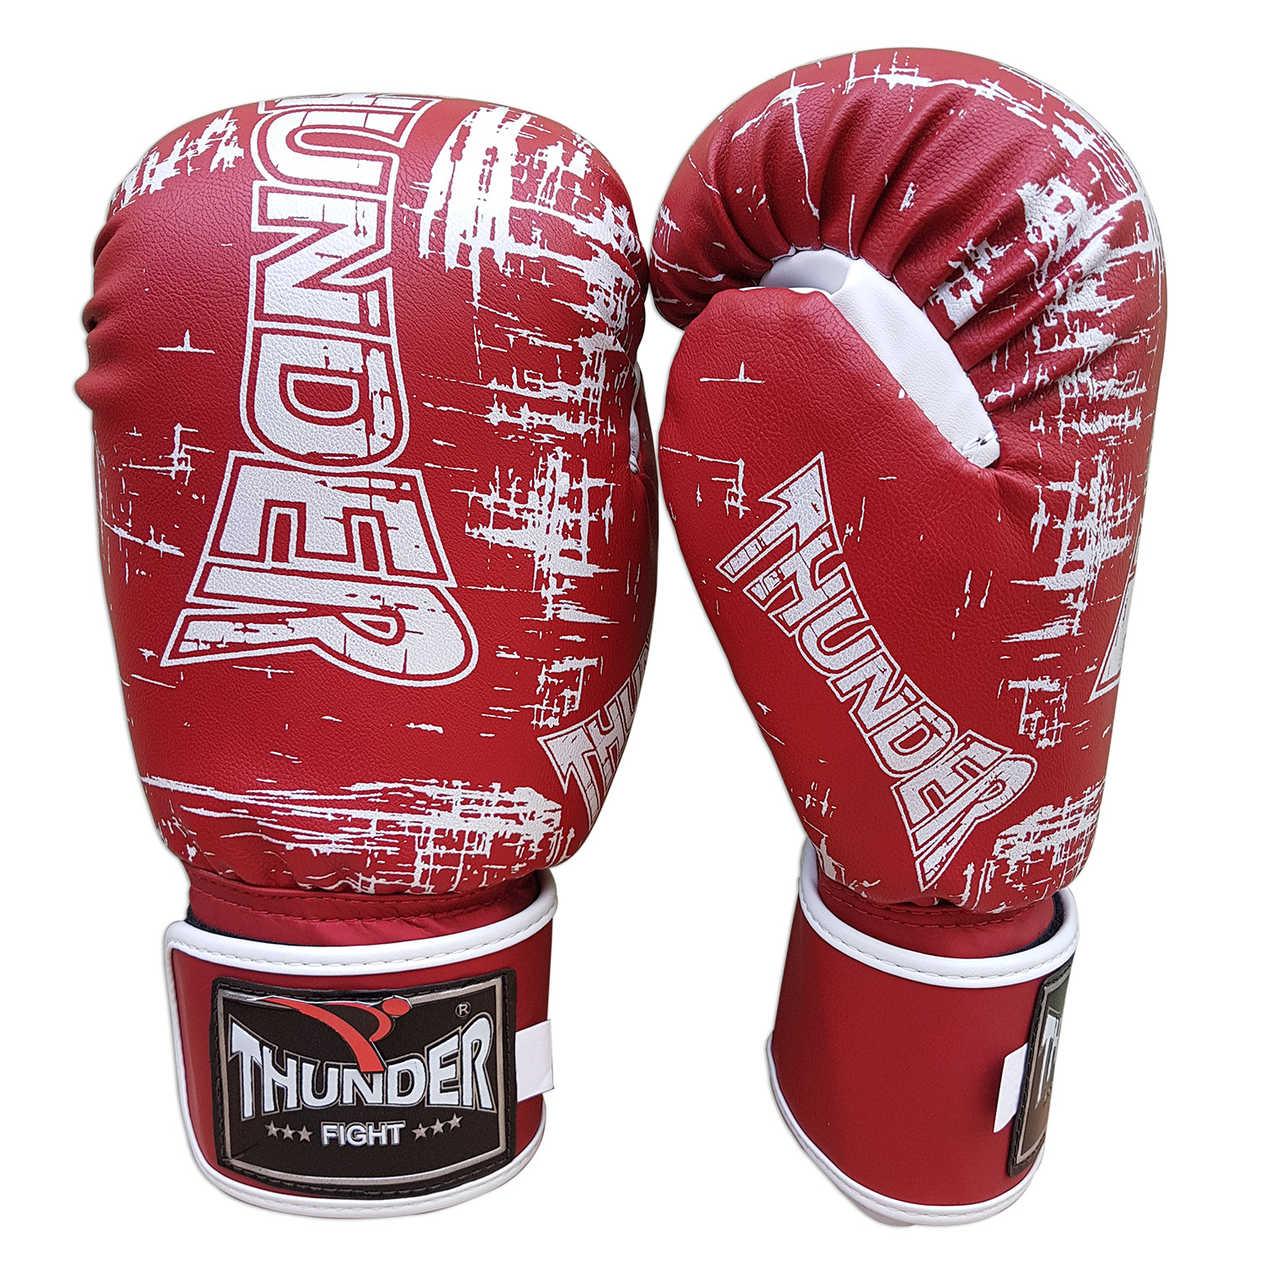 Luva de Boxe / Muay Thai 14oz - Vermelho Riscado - Thunder Fight  - PRALUTA SHOP